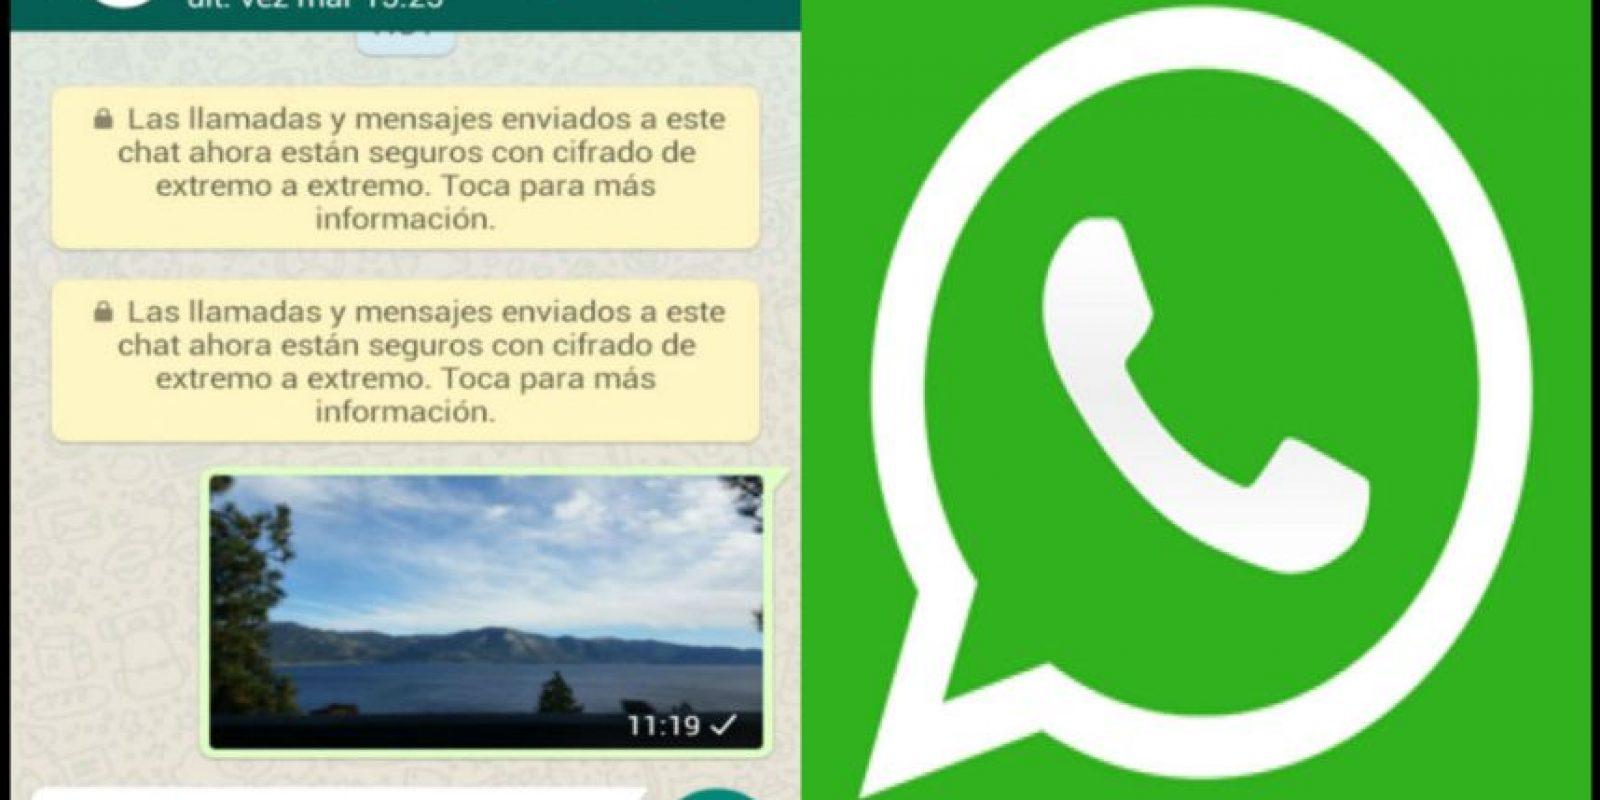 El día de ayer, WhatsApp anunció el nuevo cifrado. Foto:WhatsApp. Imagen Por: